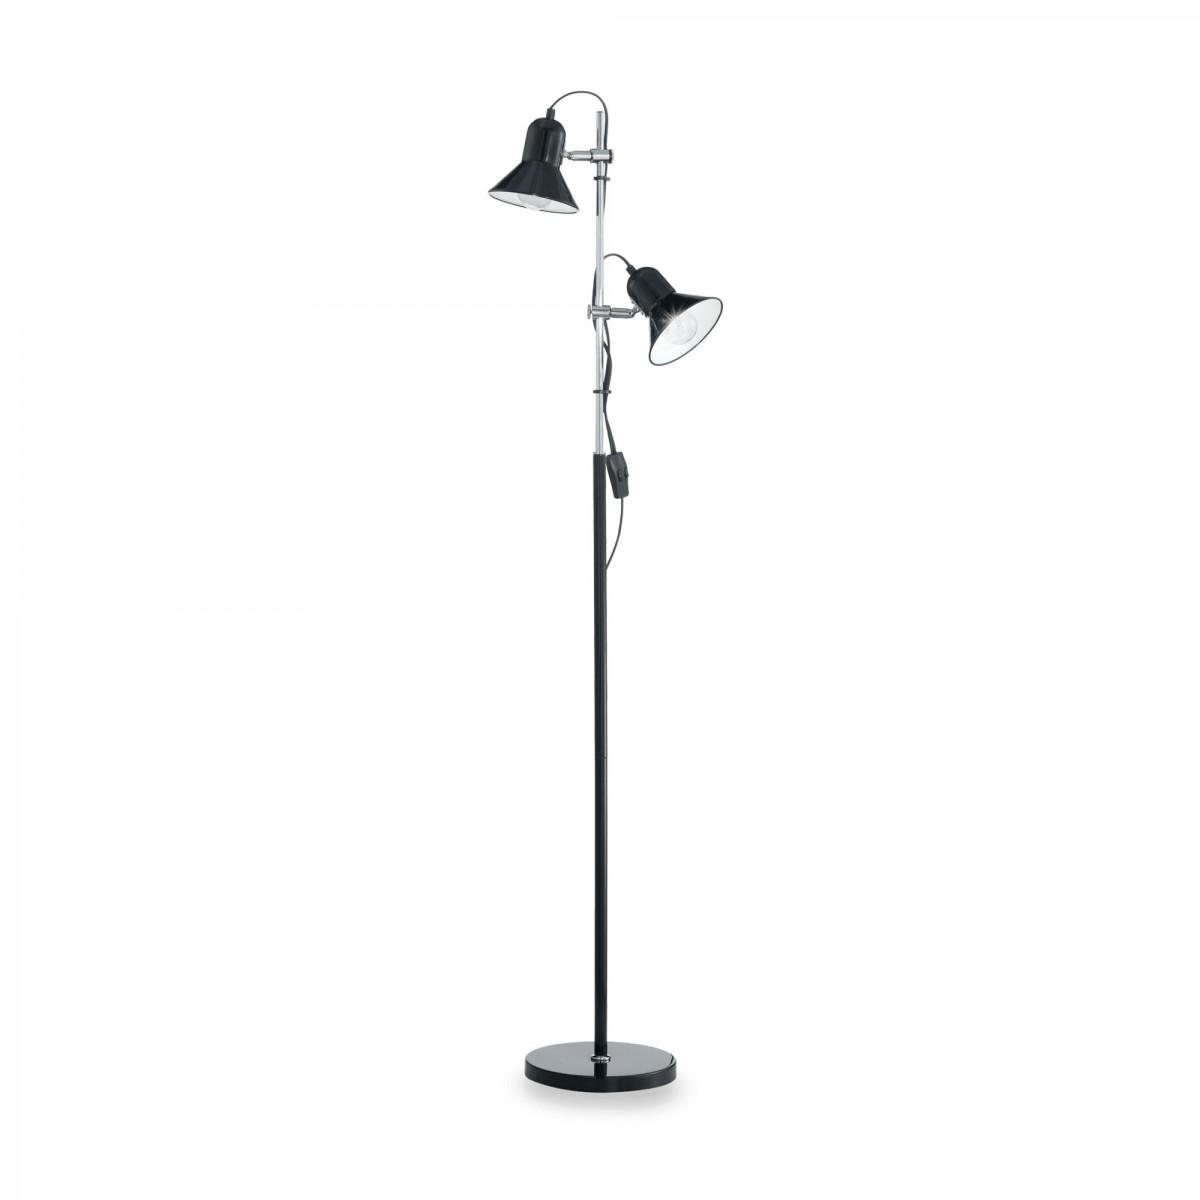 stojací lampa Ideal lux Polly PT2 061139 2x60W E27 - černá